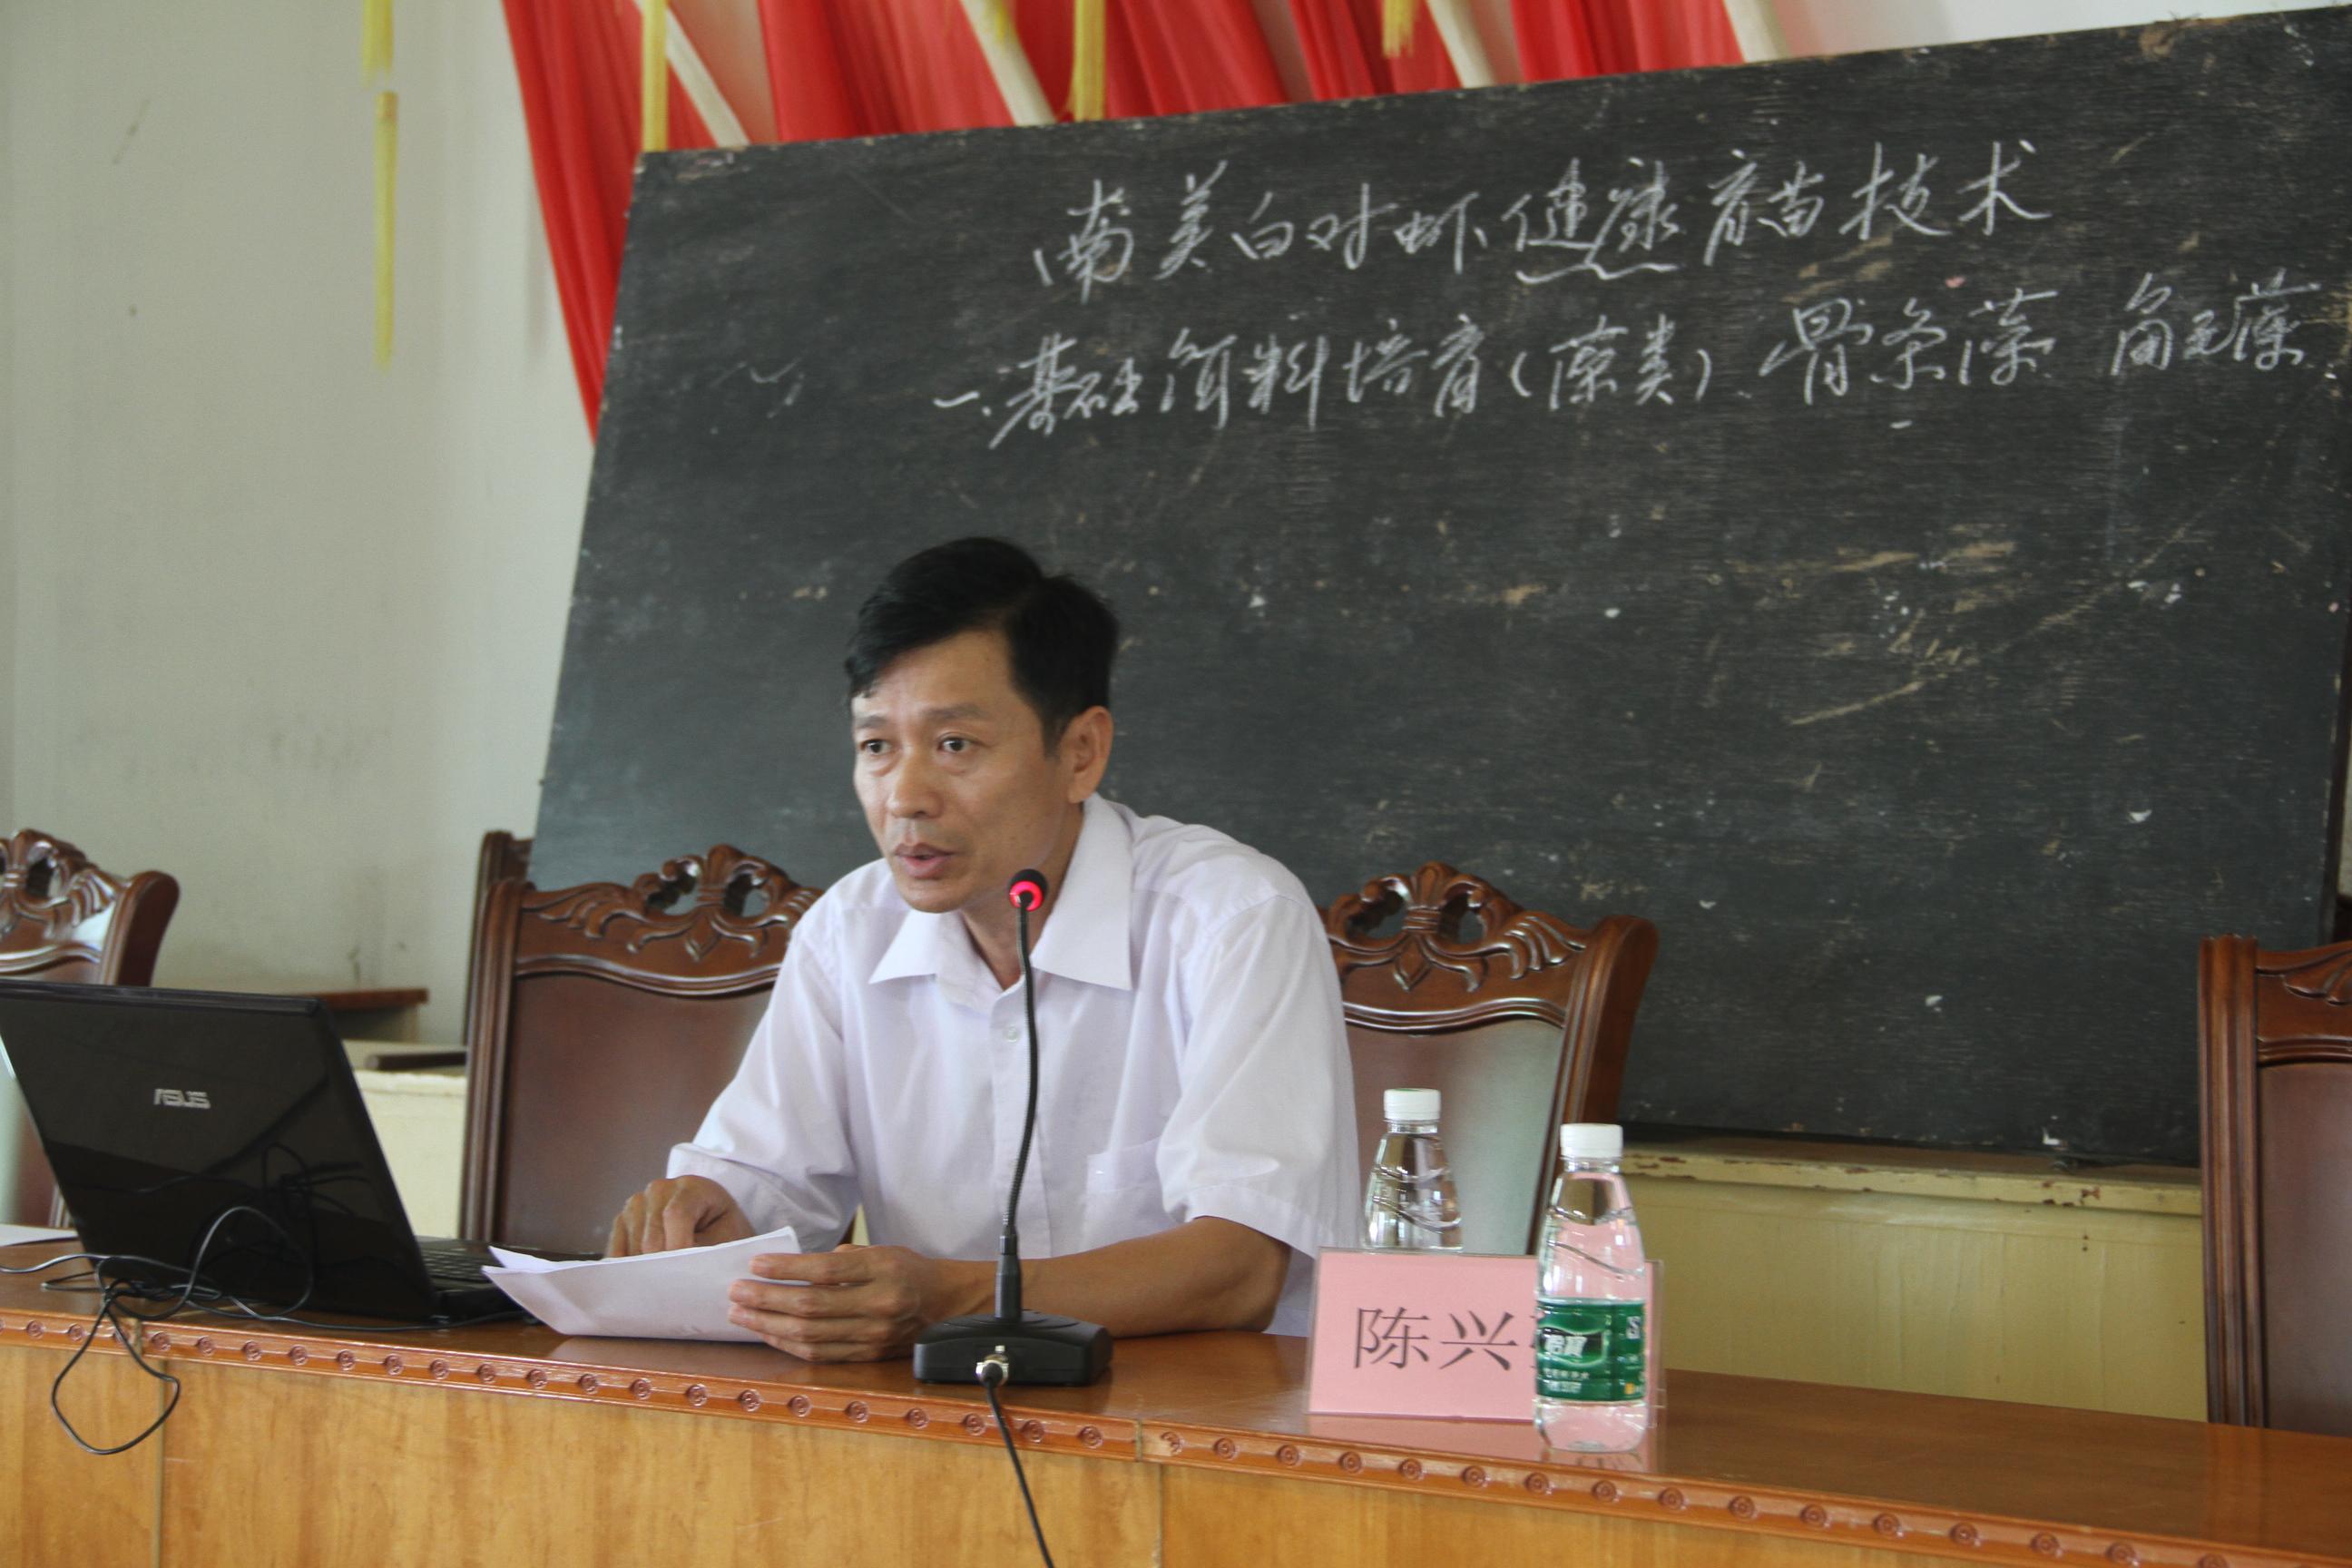 """海山镇成功举办""""饶平县农村创业青年暨回乡大学生海水"""